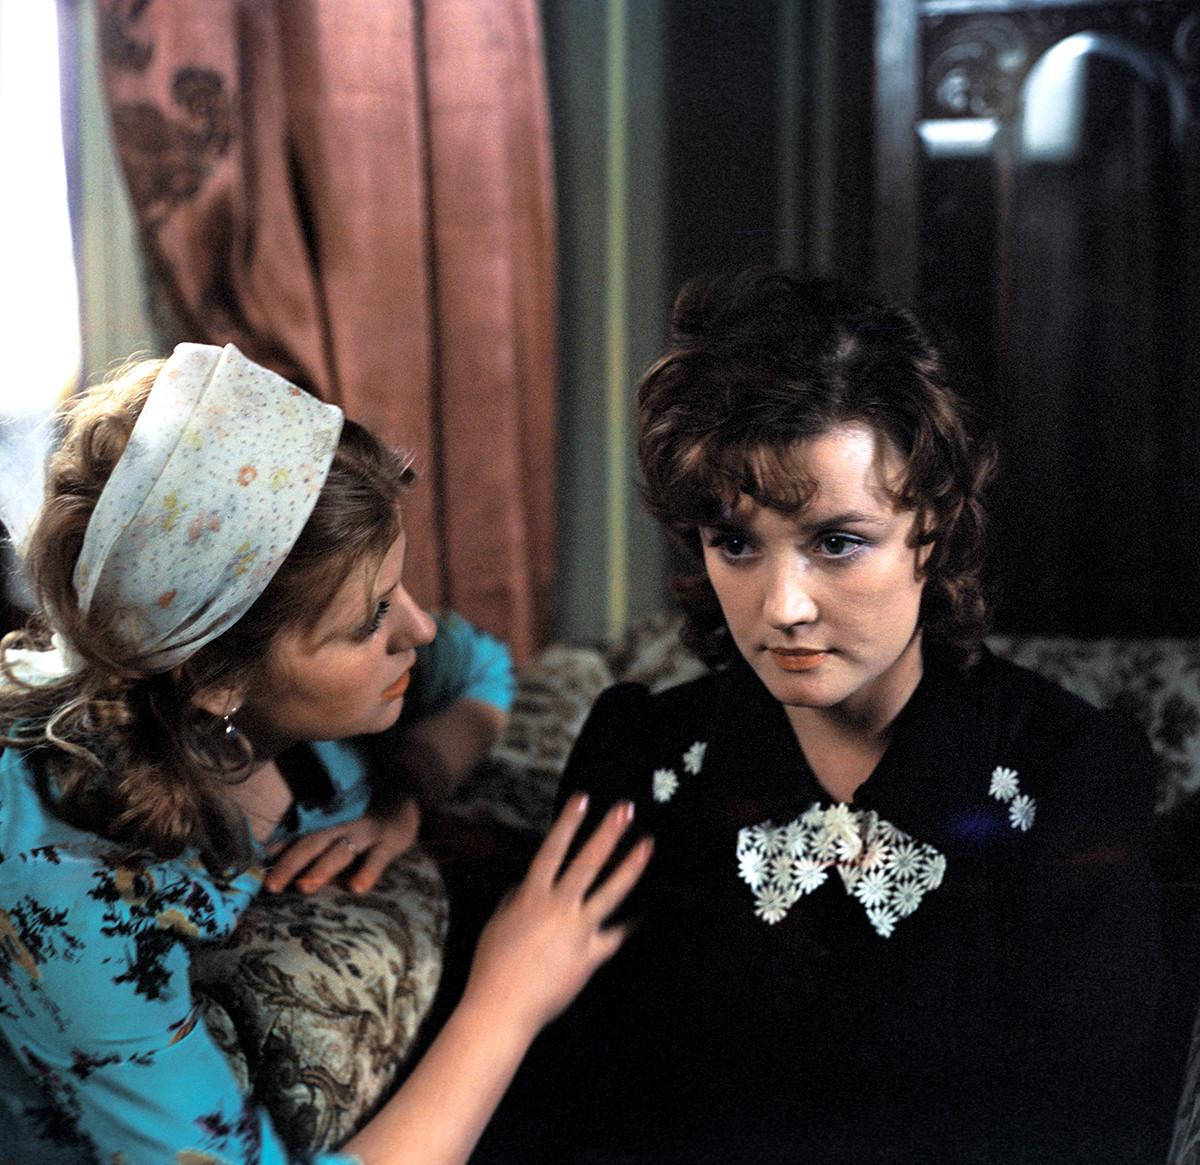 Cadre tiré du film oscarisé « Moscou ne croit pas aux larmes » du réalisateur soviétique Vladimir Menchov, 1980